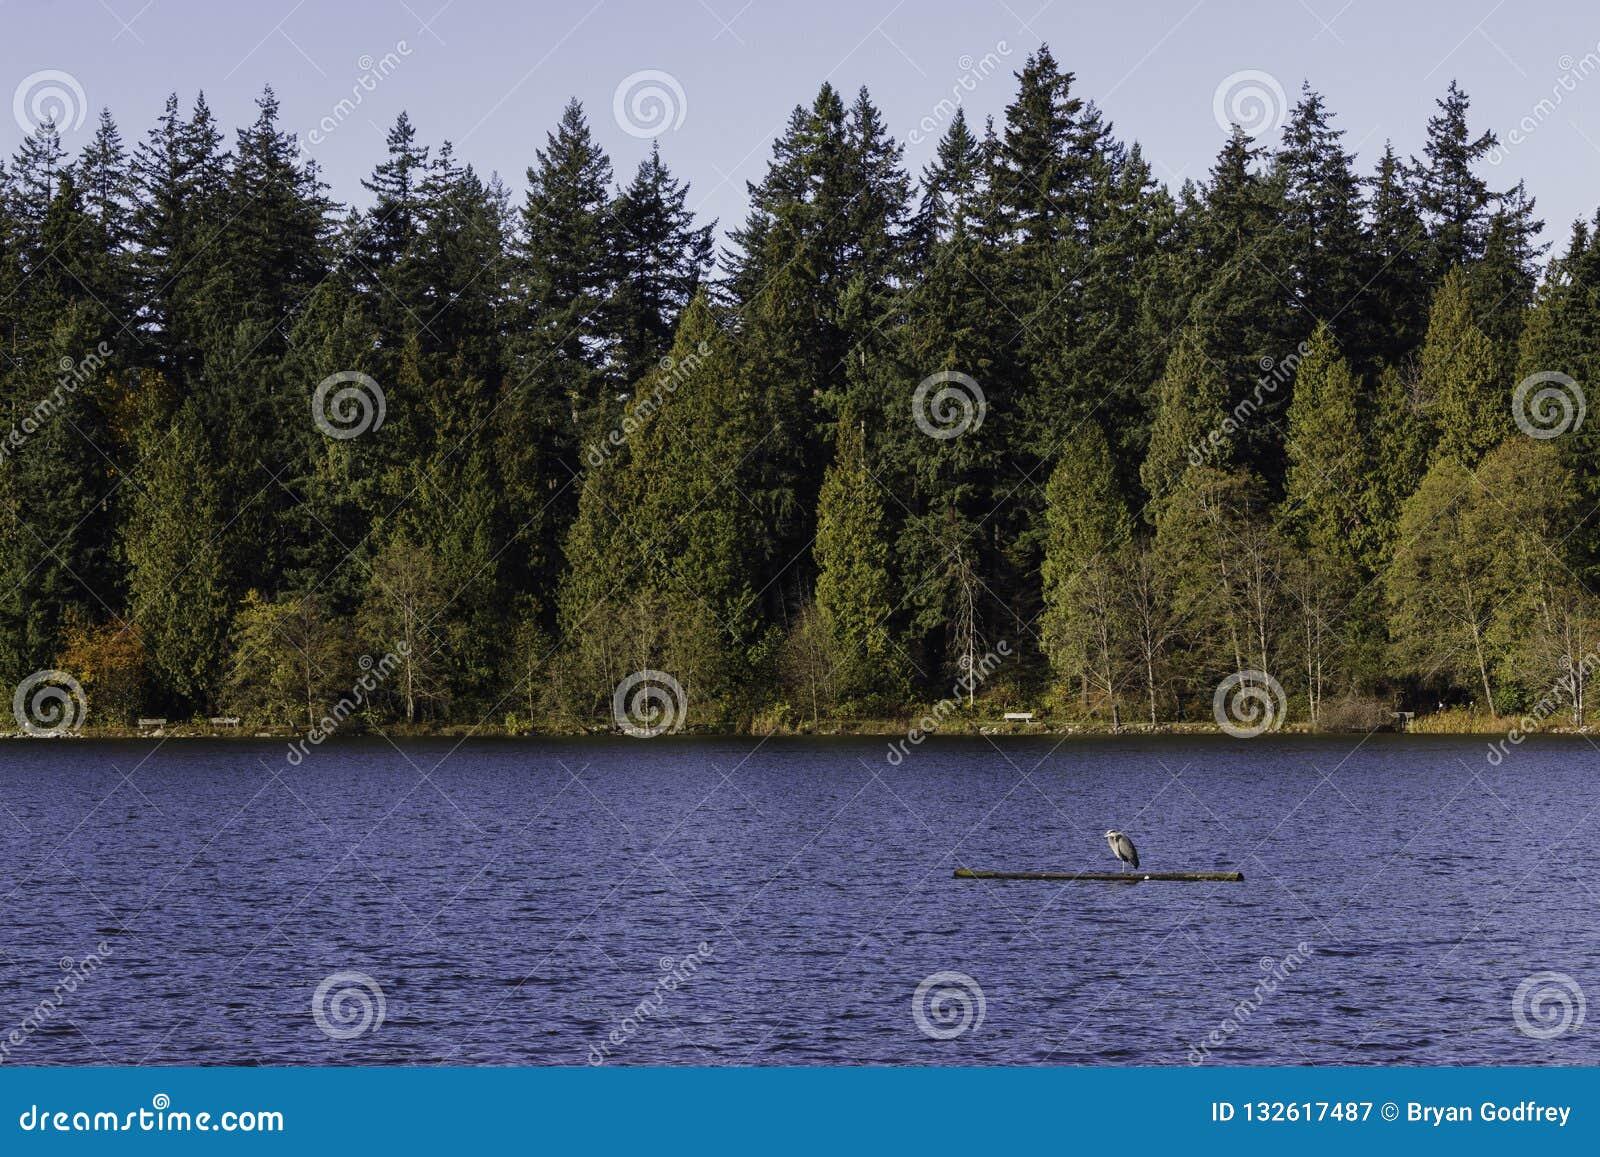 Μπλε ερωδιός που στέκεται σε μια χαμένη σύνδεση λιμνοθάλασσα